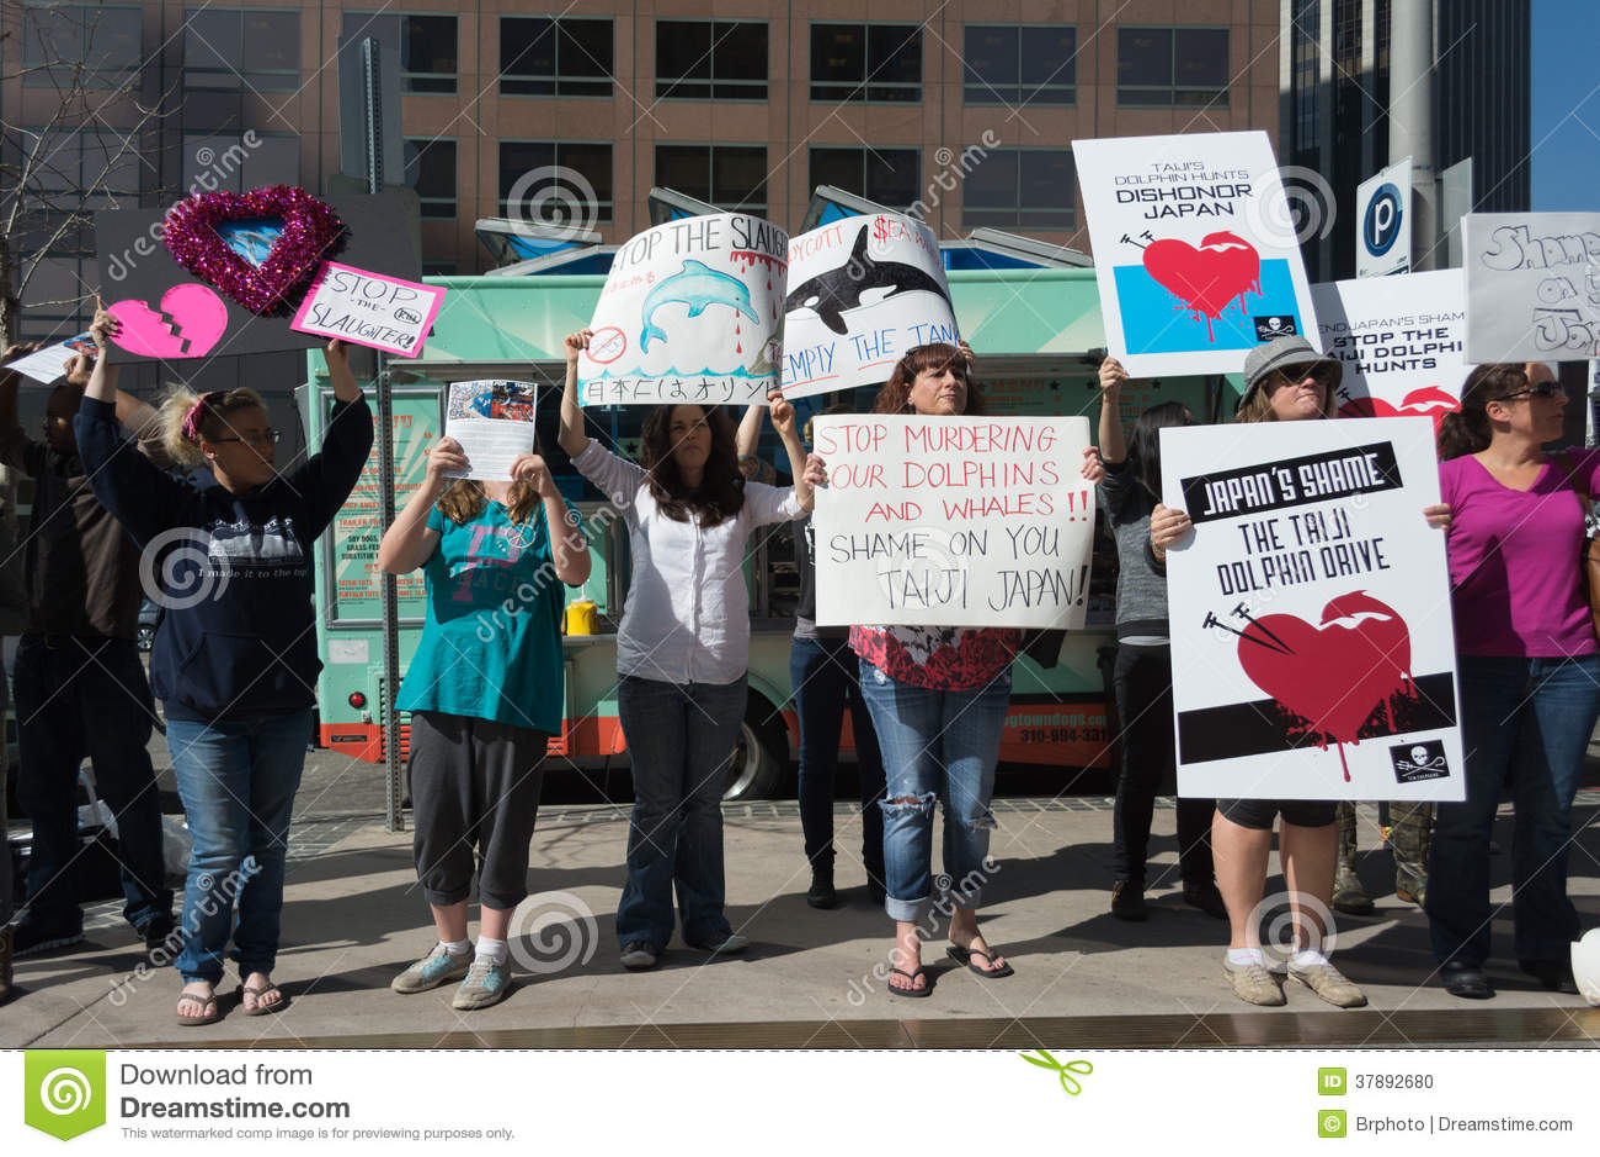 De activisten voor het consulaat van Japan in Los Angeles om de dolfijnen te protesteren slachten in Taiji